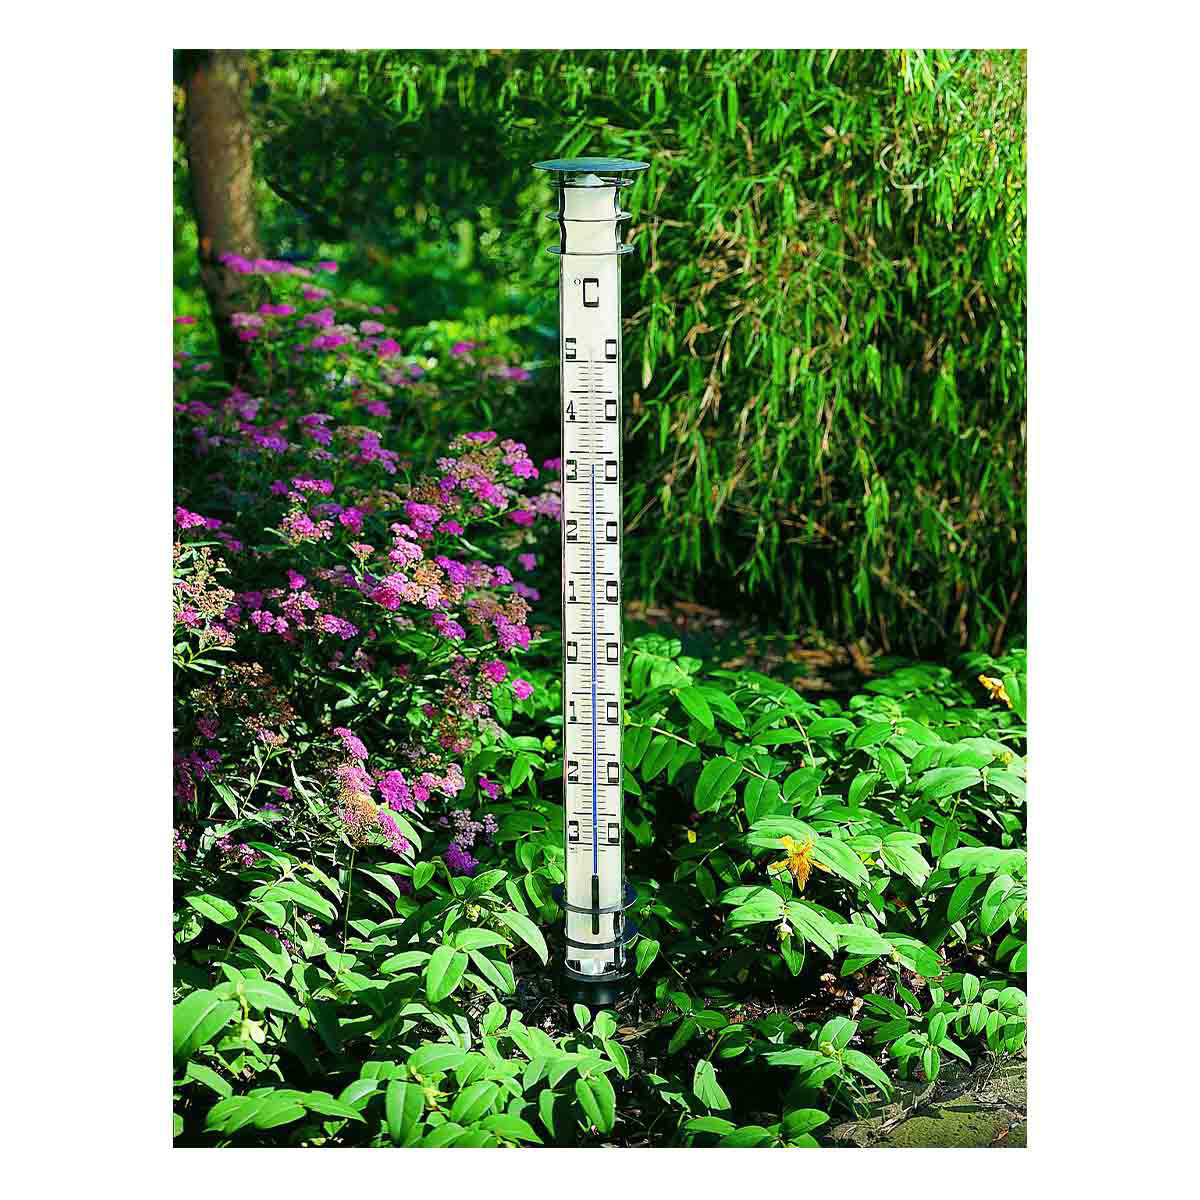 12-2002-analoges-gartenthermometer-jumbo-anwendung1-1200x1200px.jpg